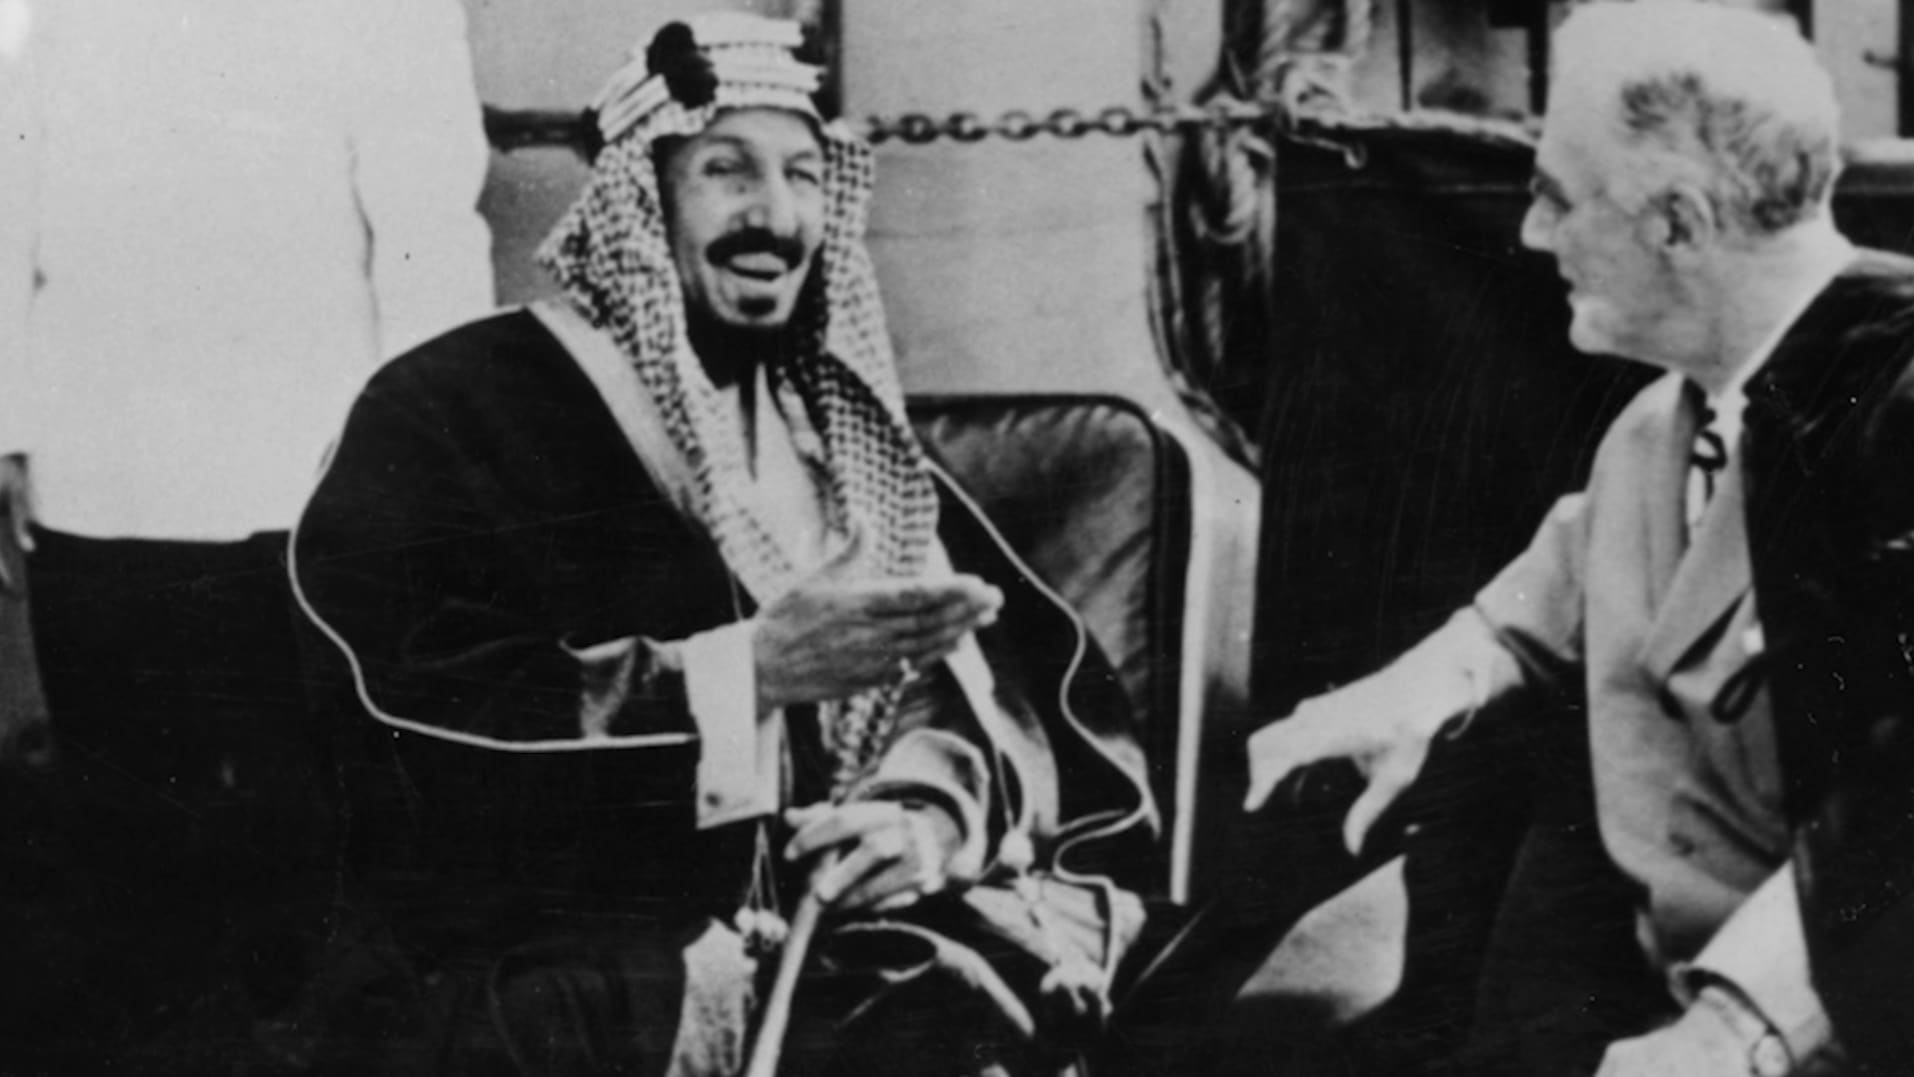 من 1932 إلى اليوم.. ما سر العلاقة القوية بين السعودية وأمريكا؟